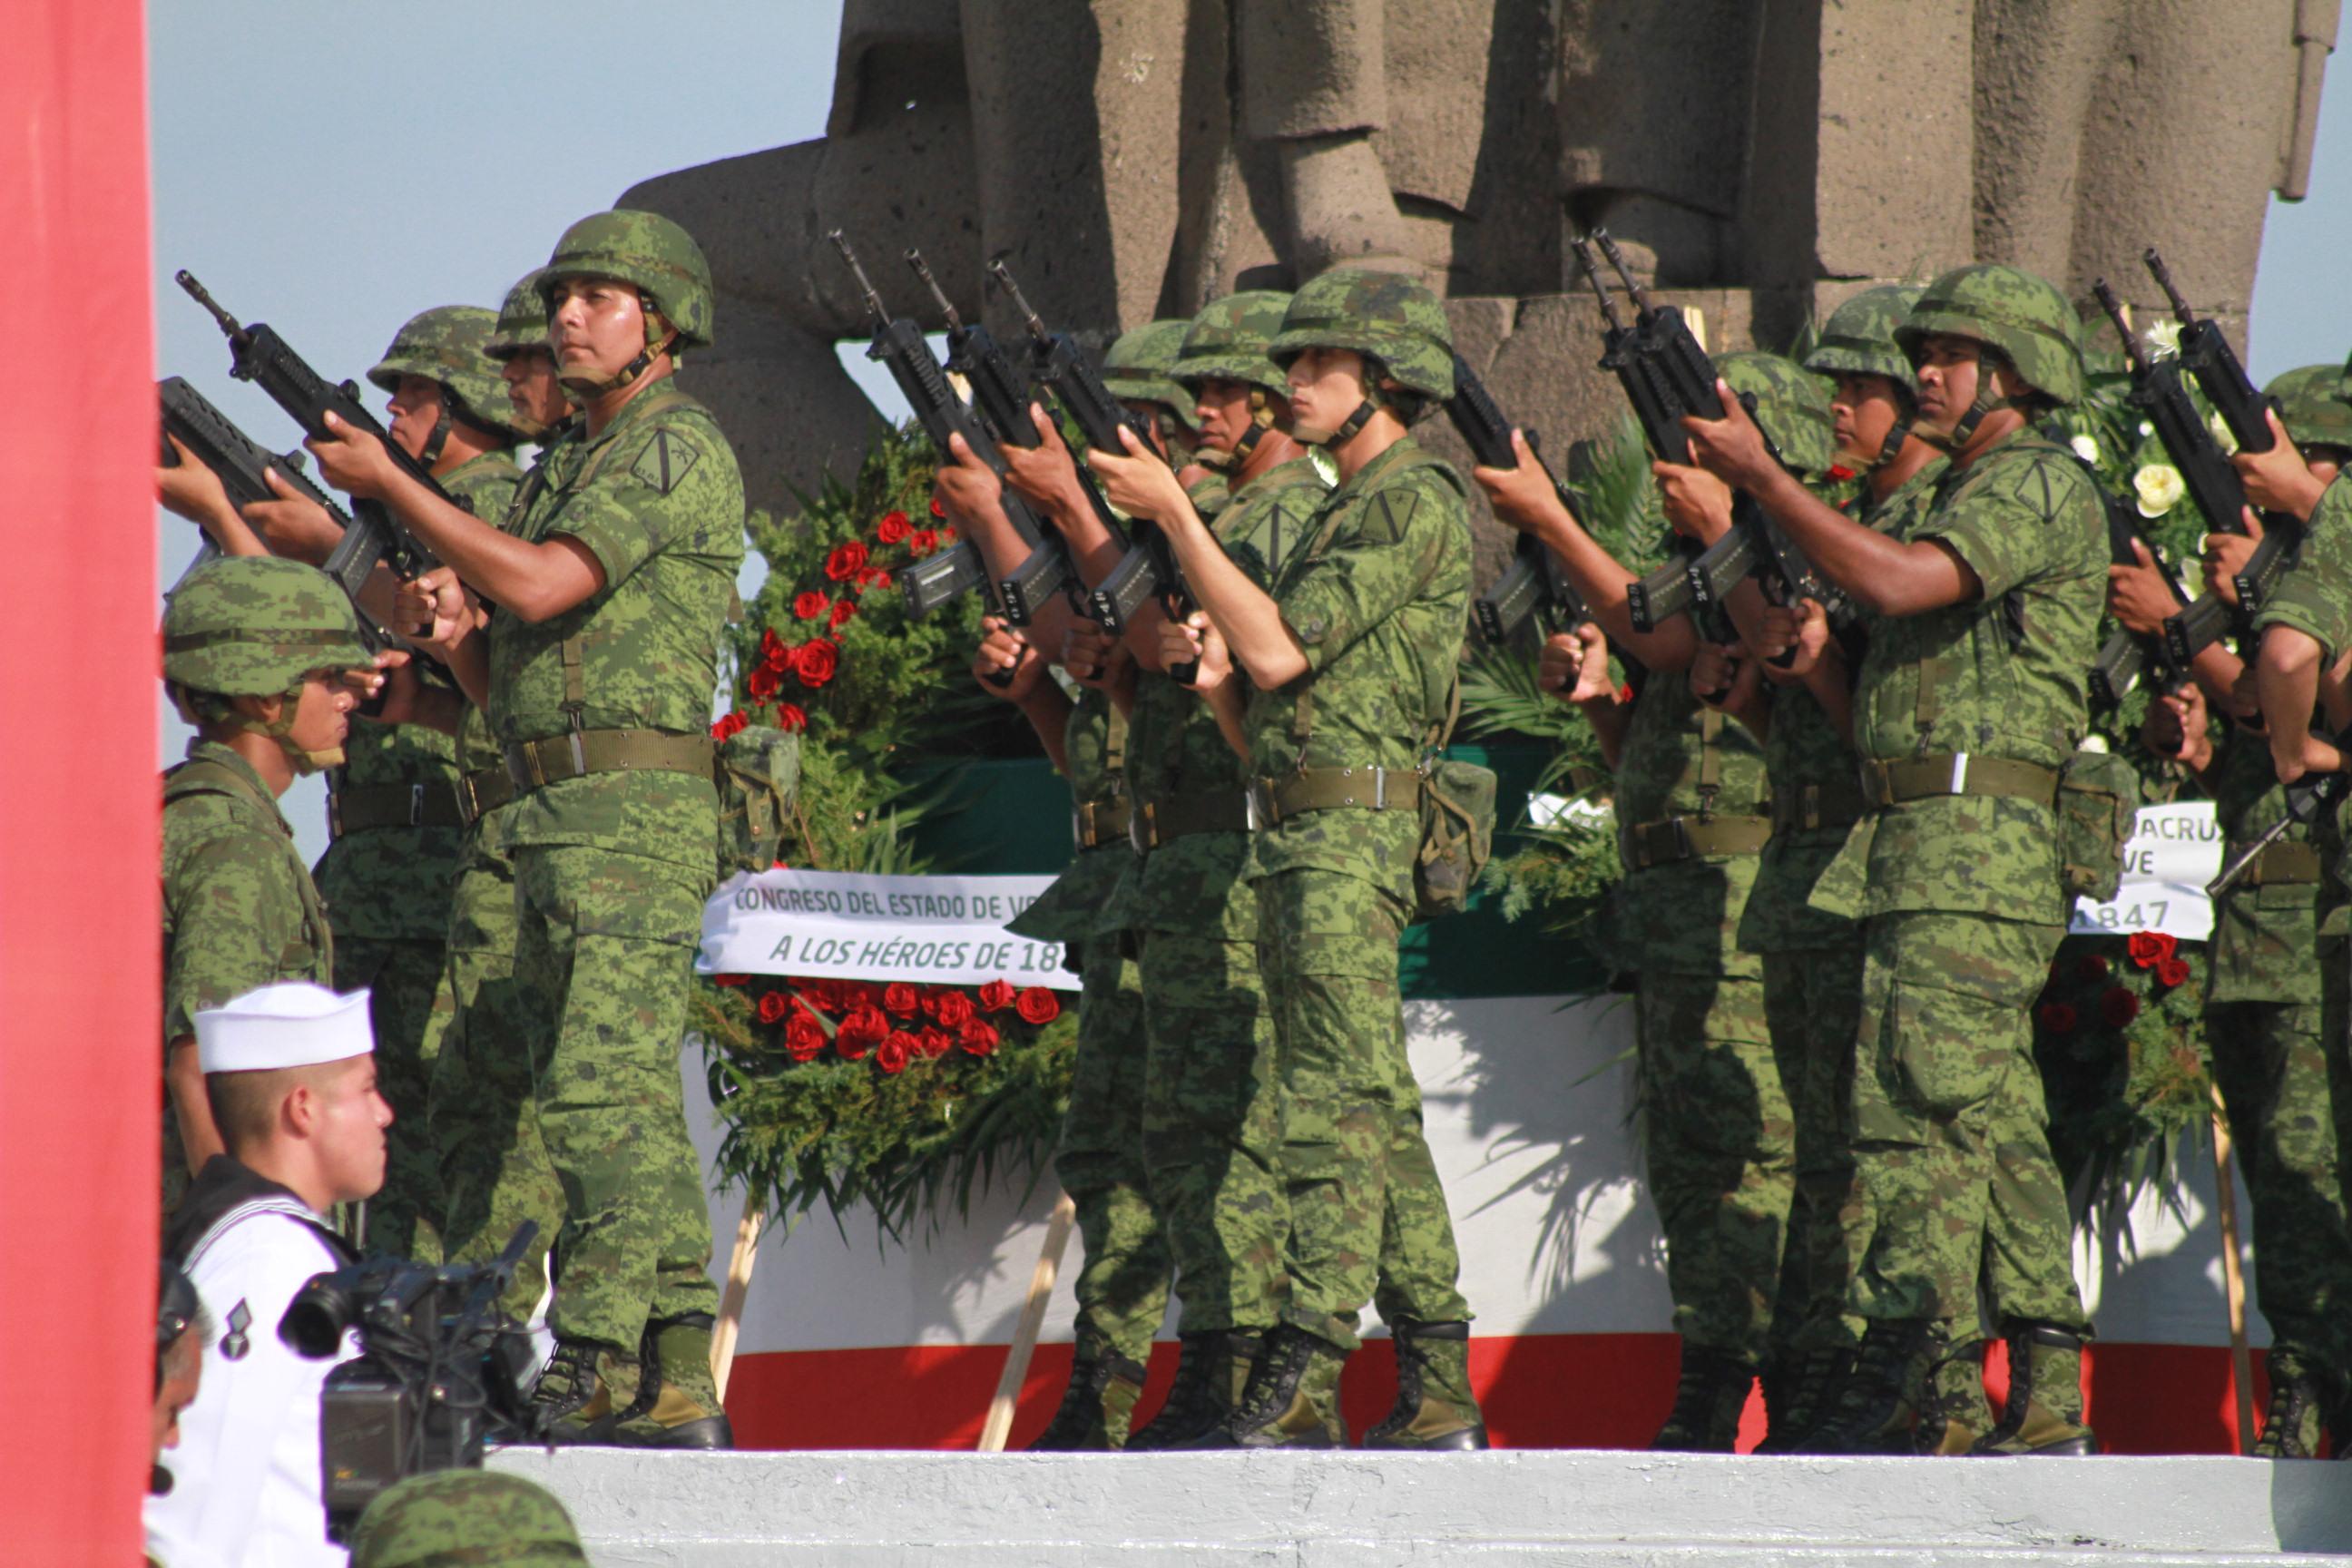 Llega la Guardia Nacional a Veracruz, despliegan 600 elementos